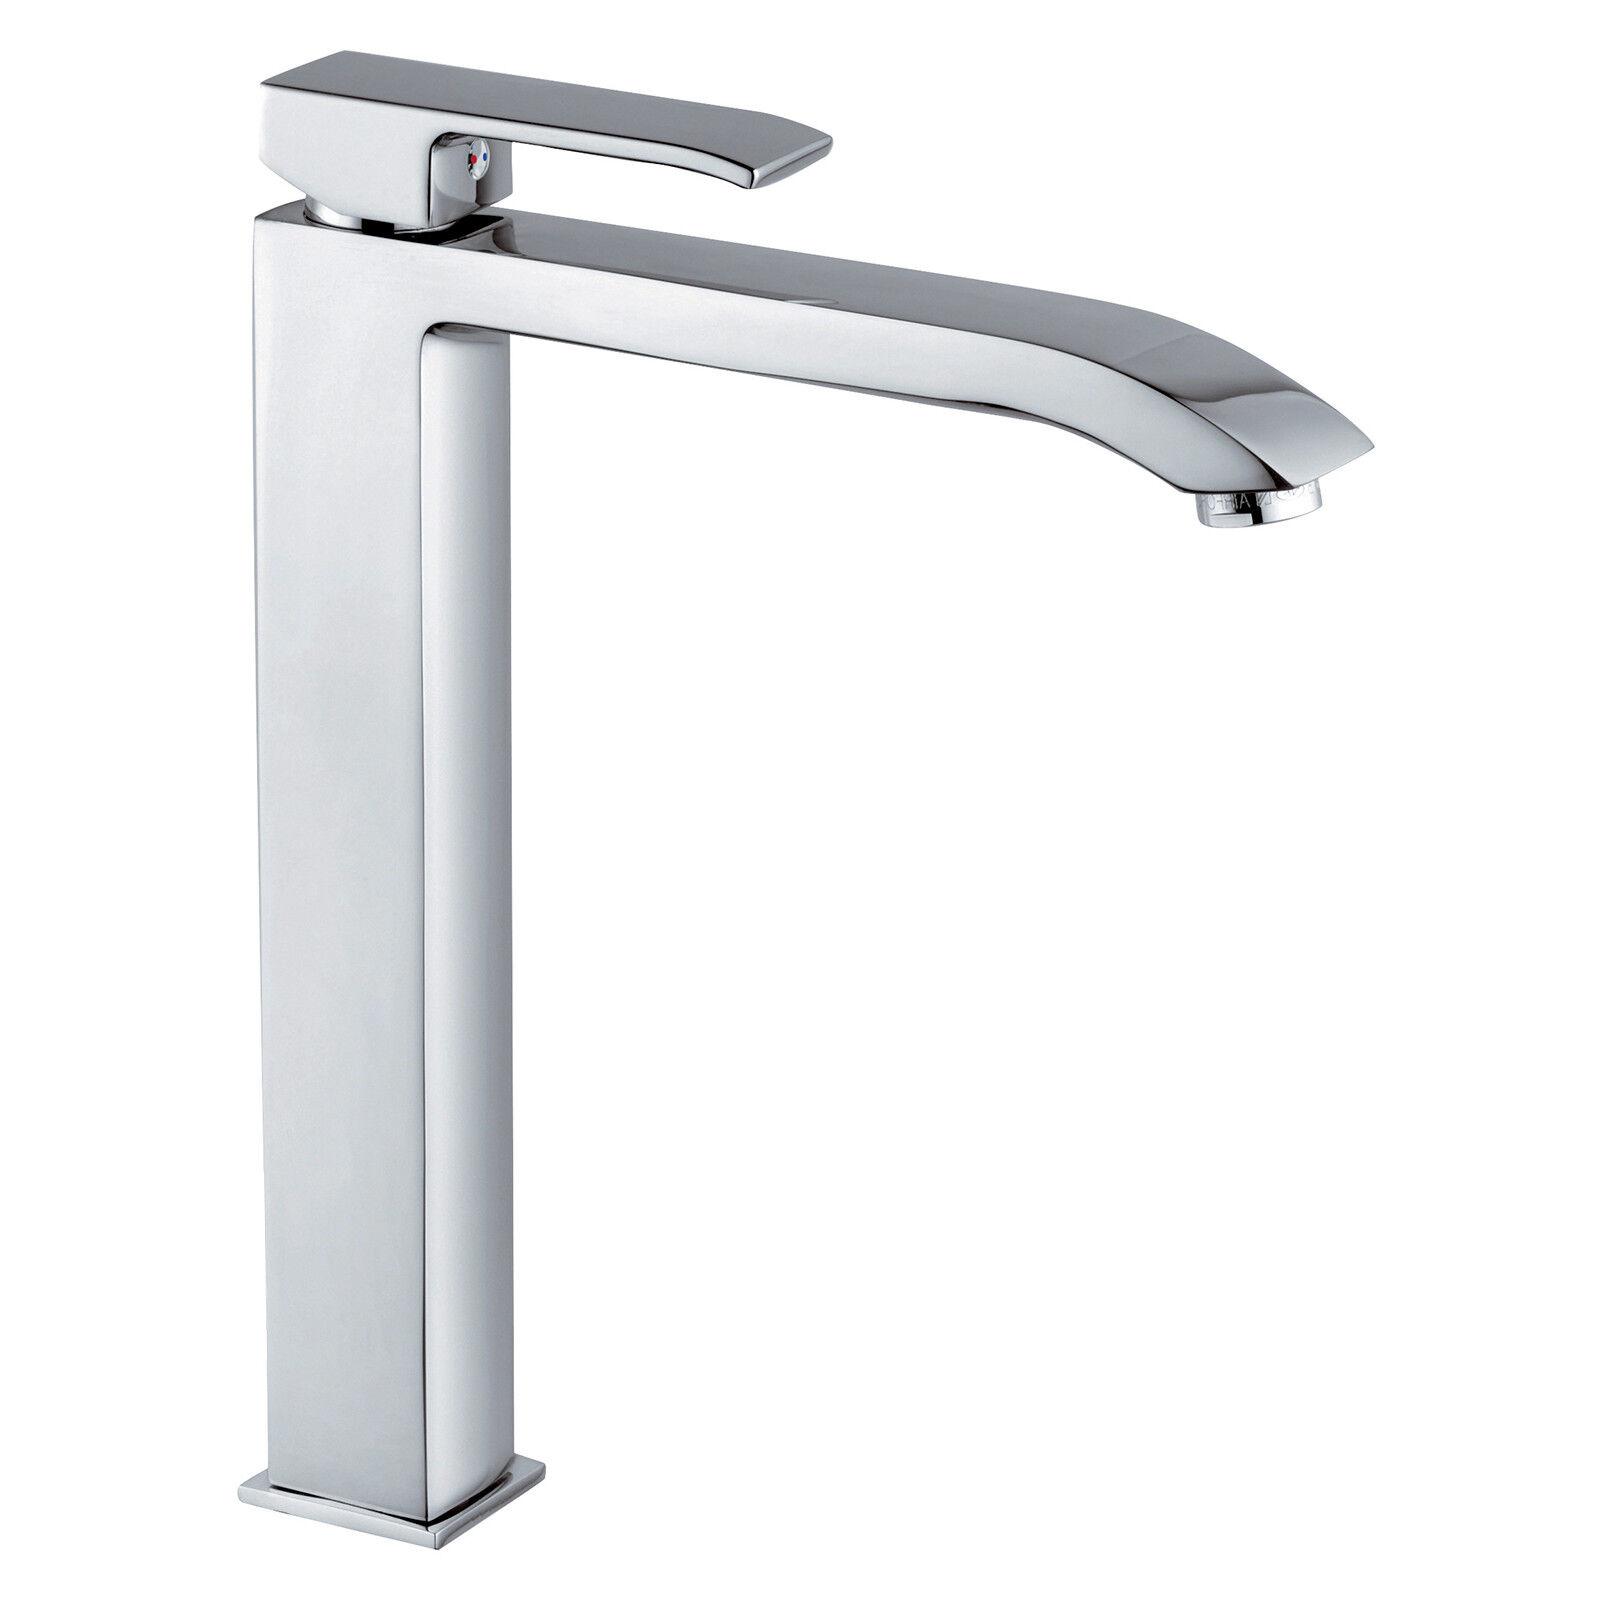 Miscelatore lavabo prolungato senza scarico Paffoni Level altezza 312mm LES081CR